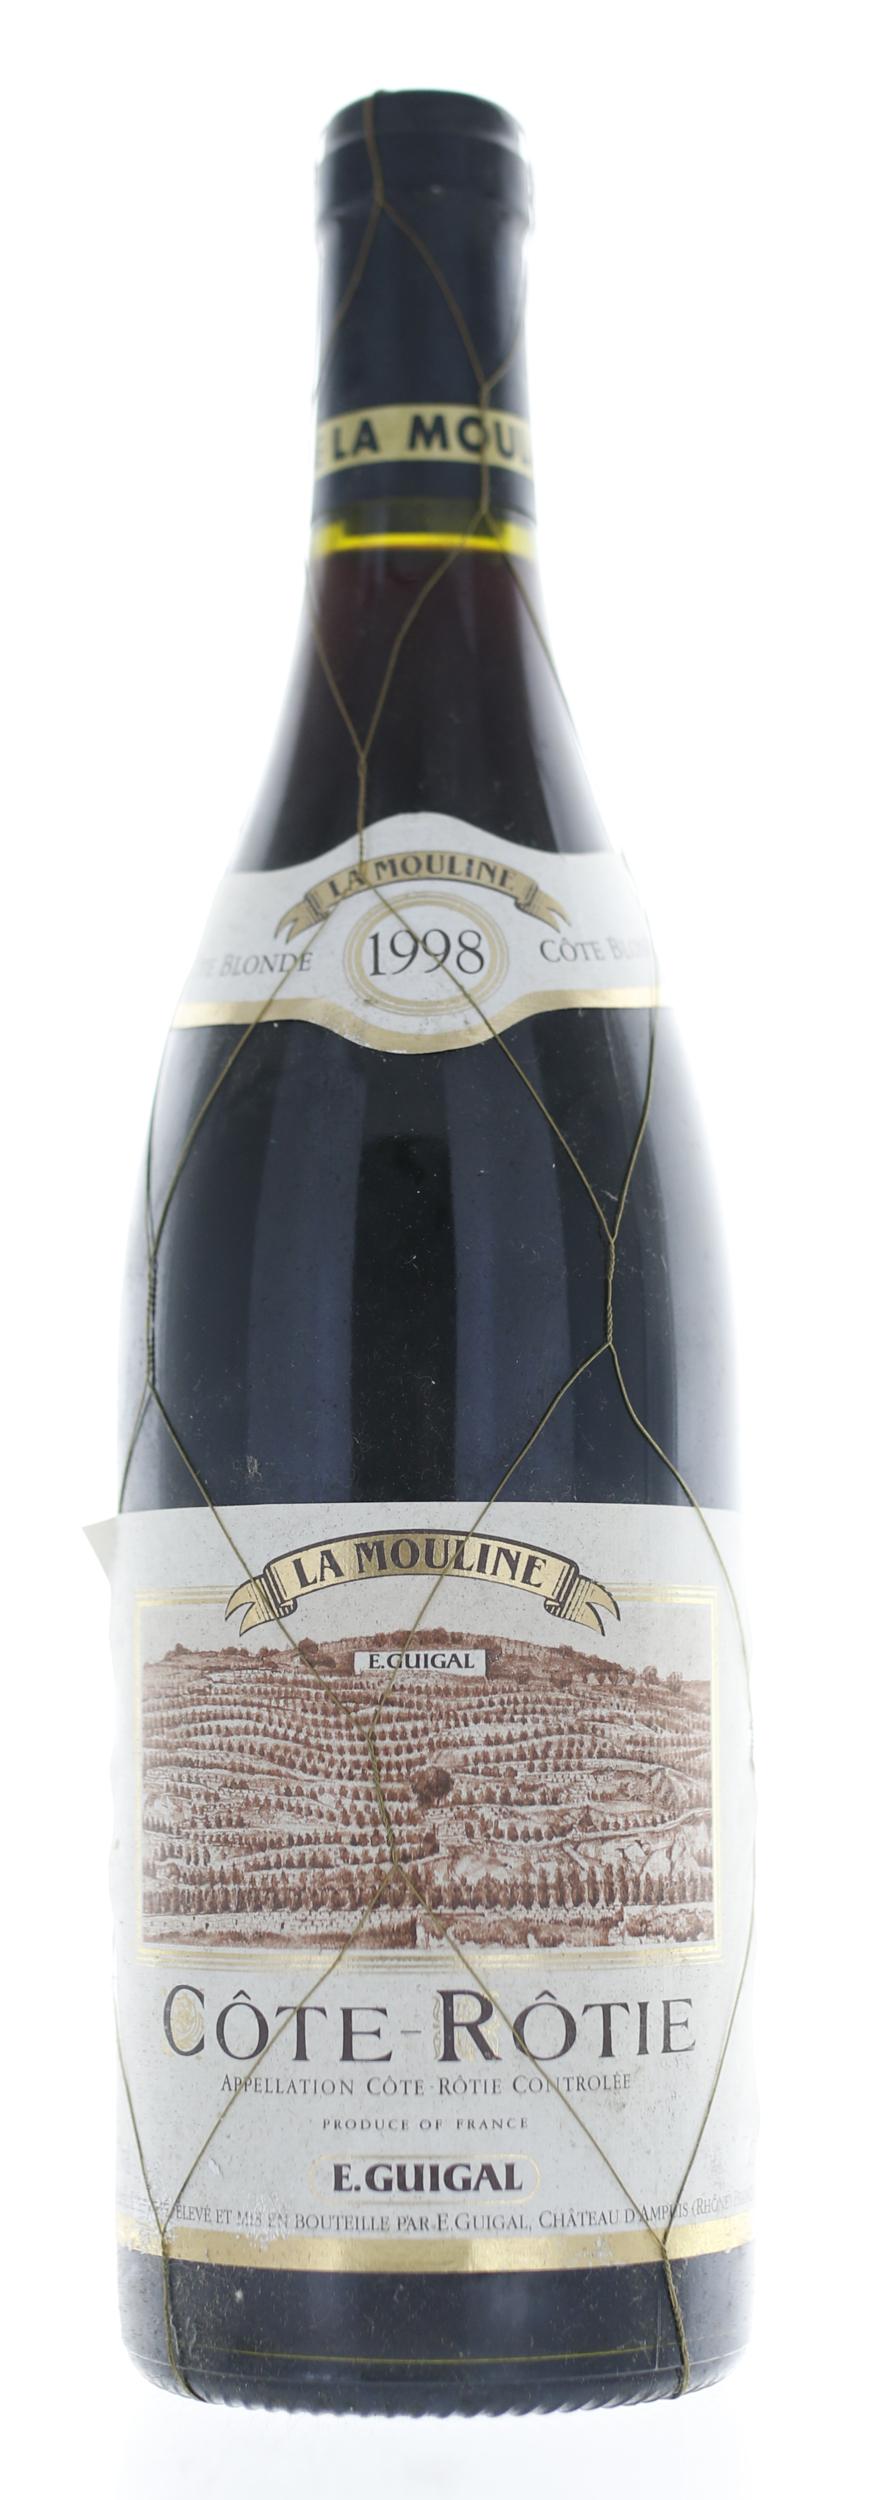 Côte Rôtie - Domaine La Mouline - 1998